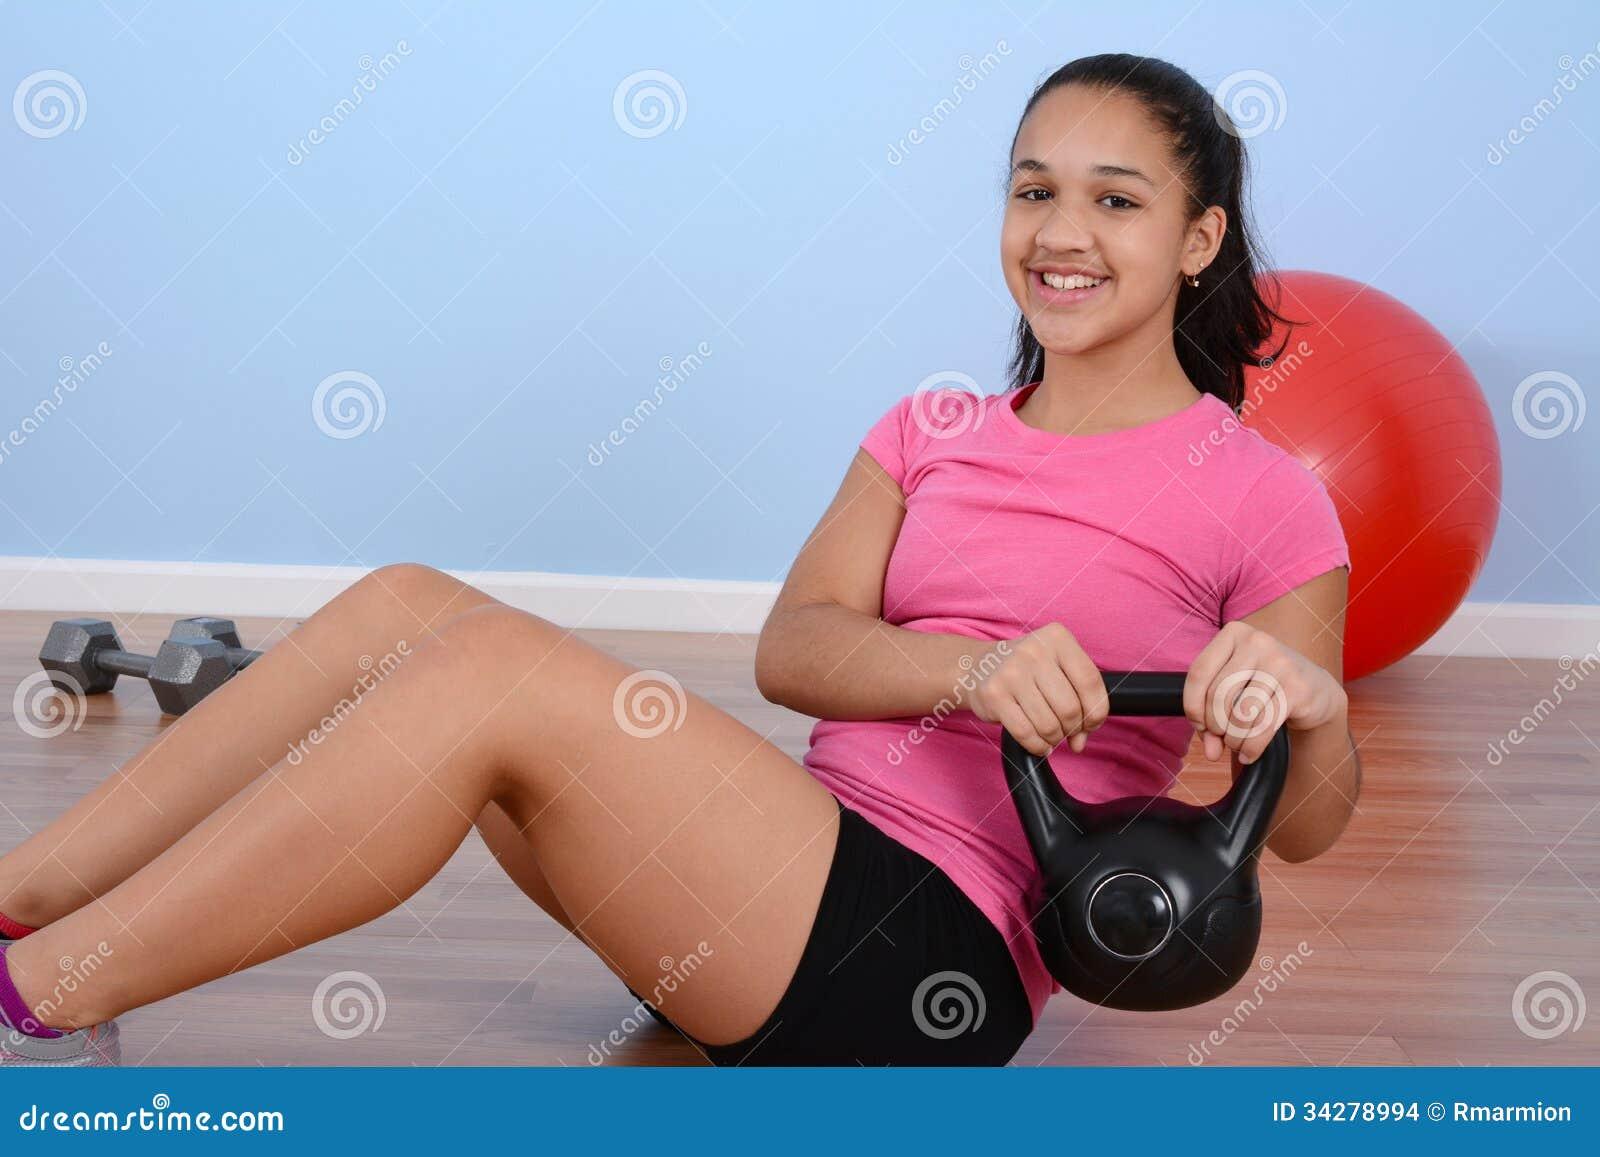 Teen Workout Porn Videos Pornhubcom